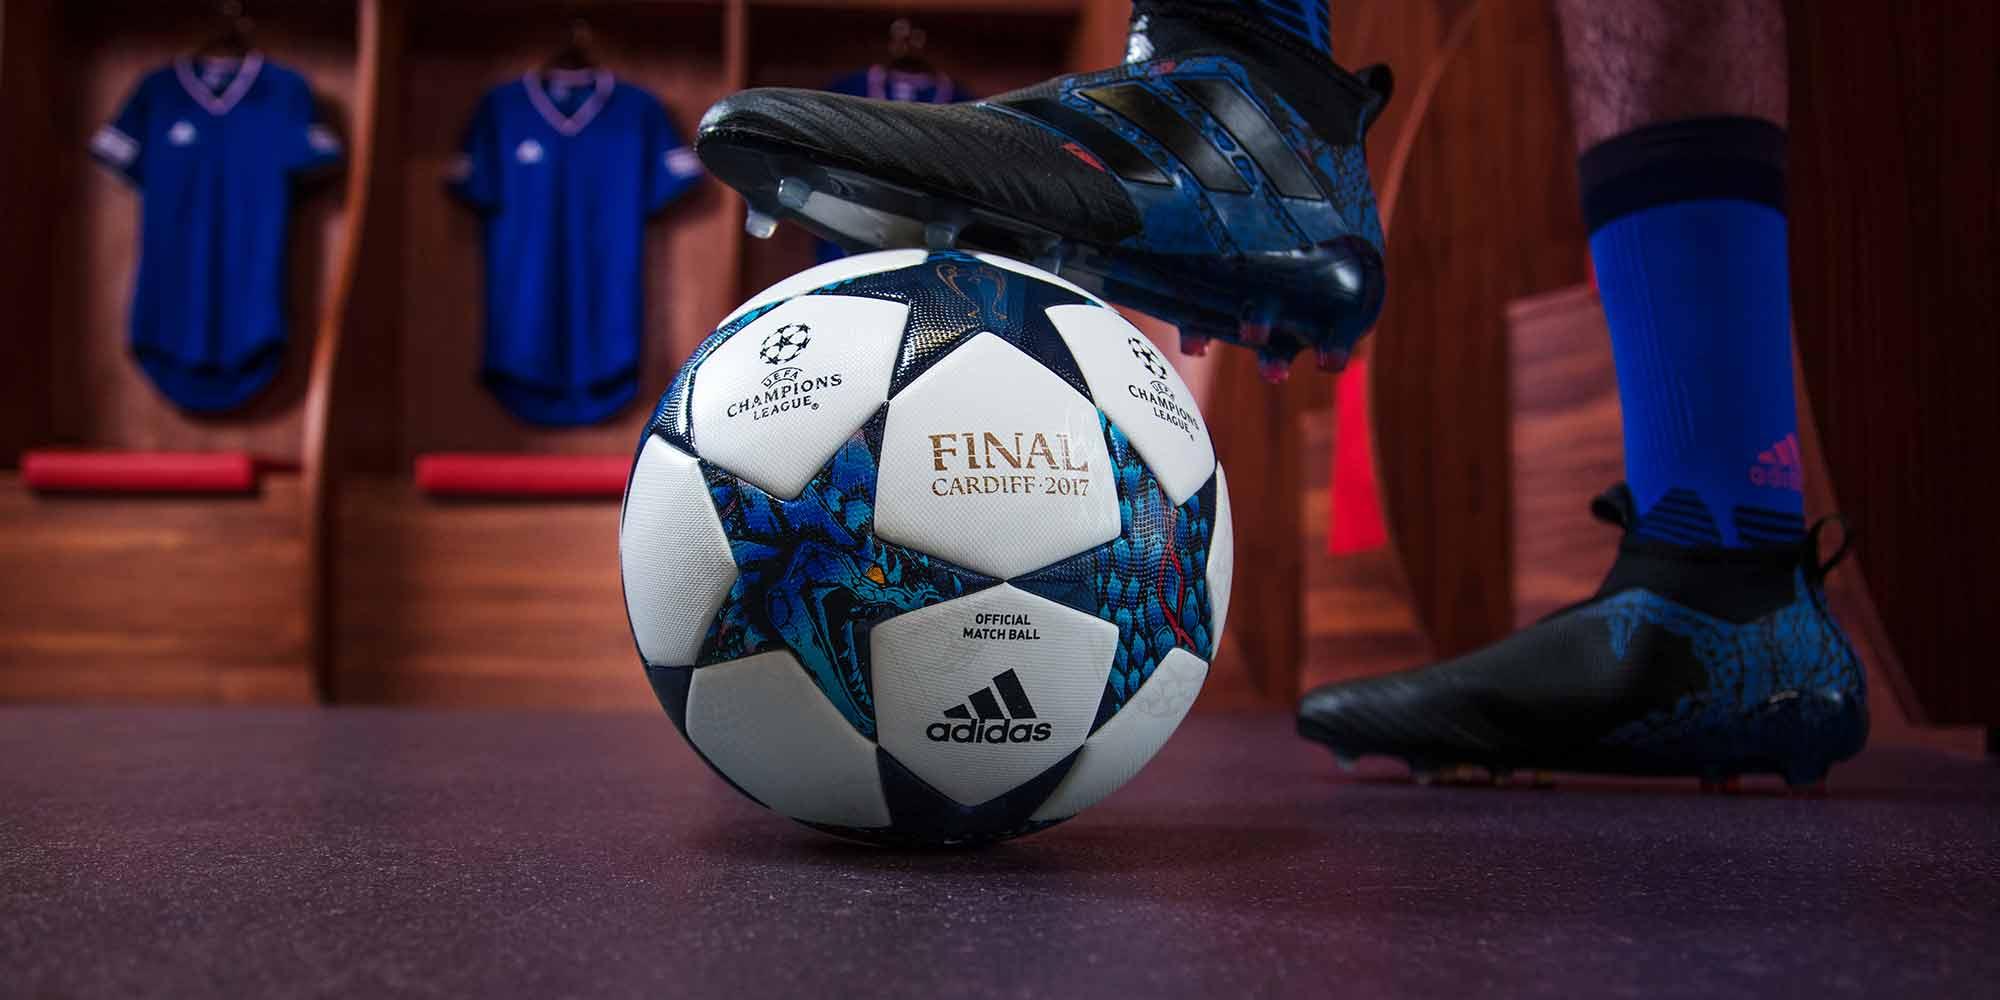 Мяч финала Лиги Чемпионов 2017